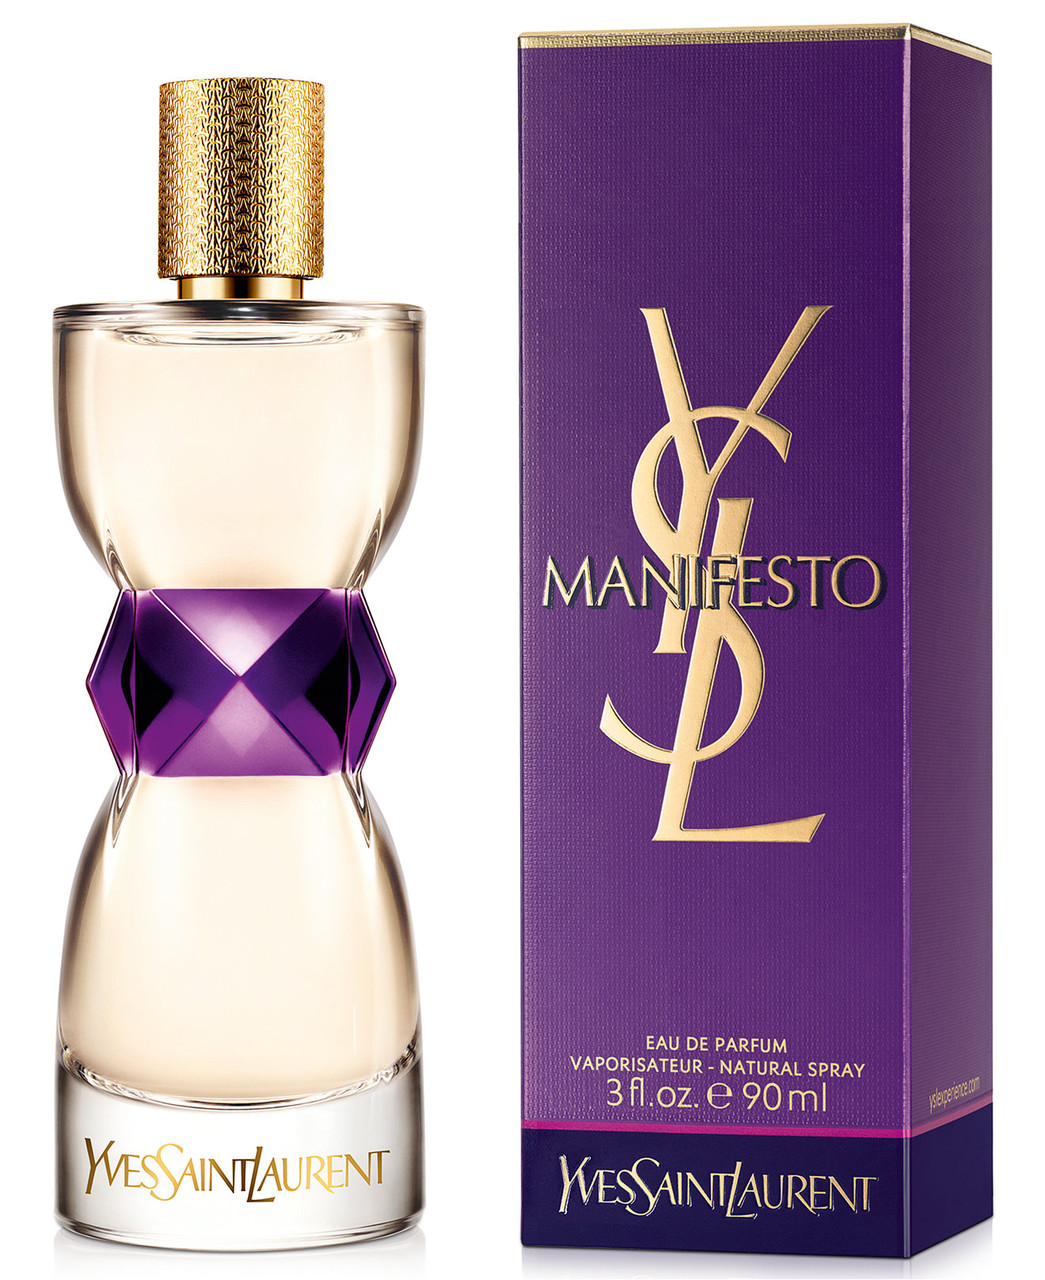 Женская парфюмированная вода Manifesto Yves Saint Laurent (Манифесто) 90 мл